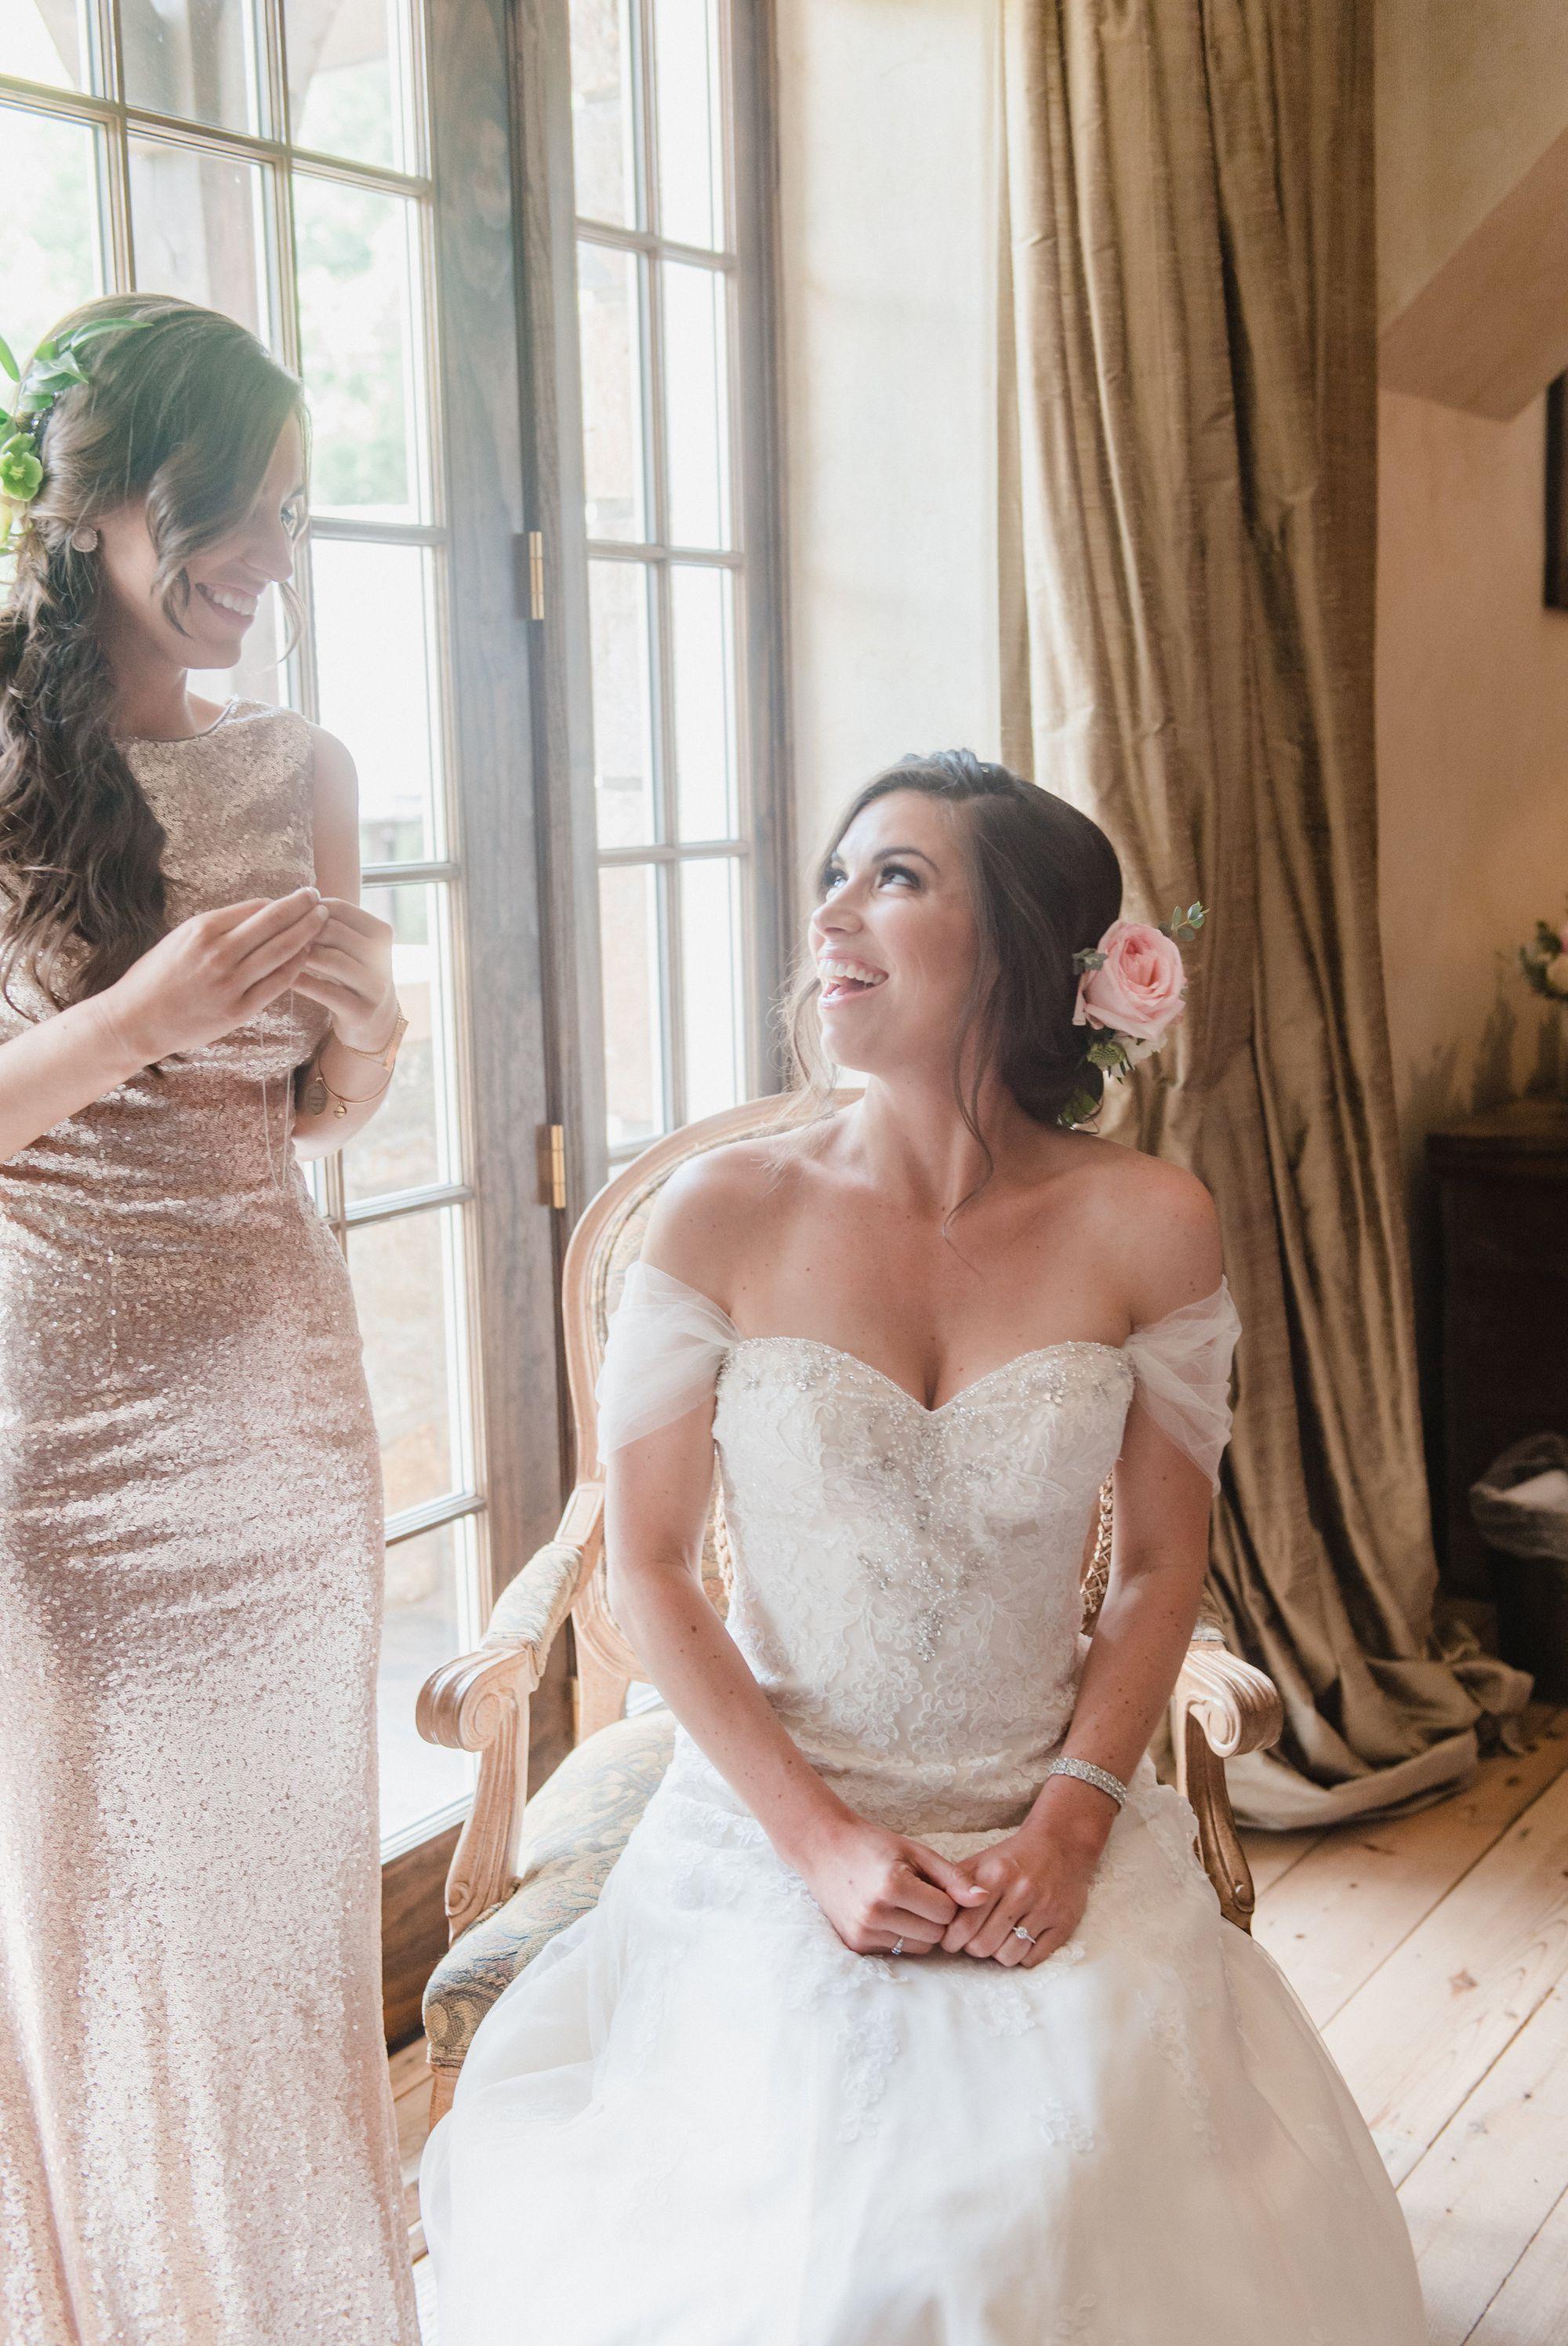 castle-ladyhawke-destination-wedding 23